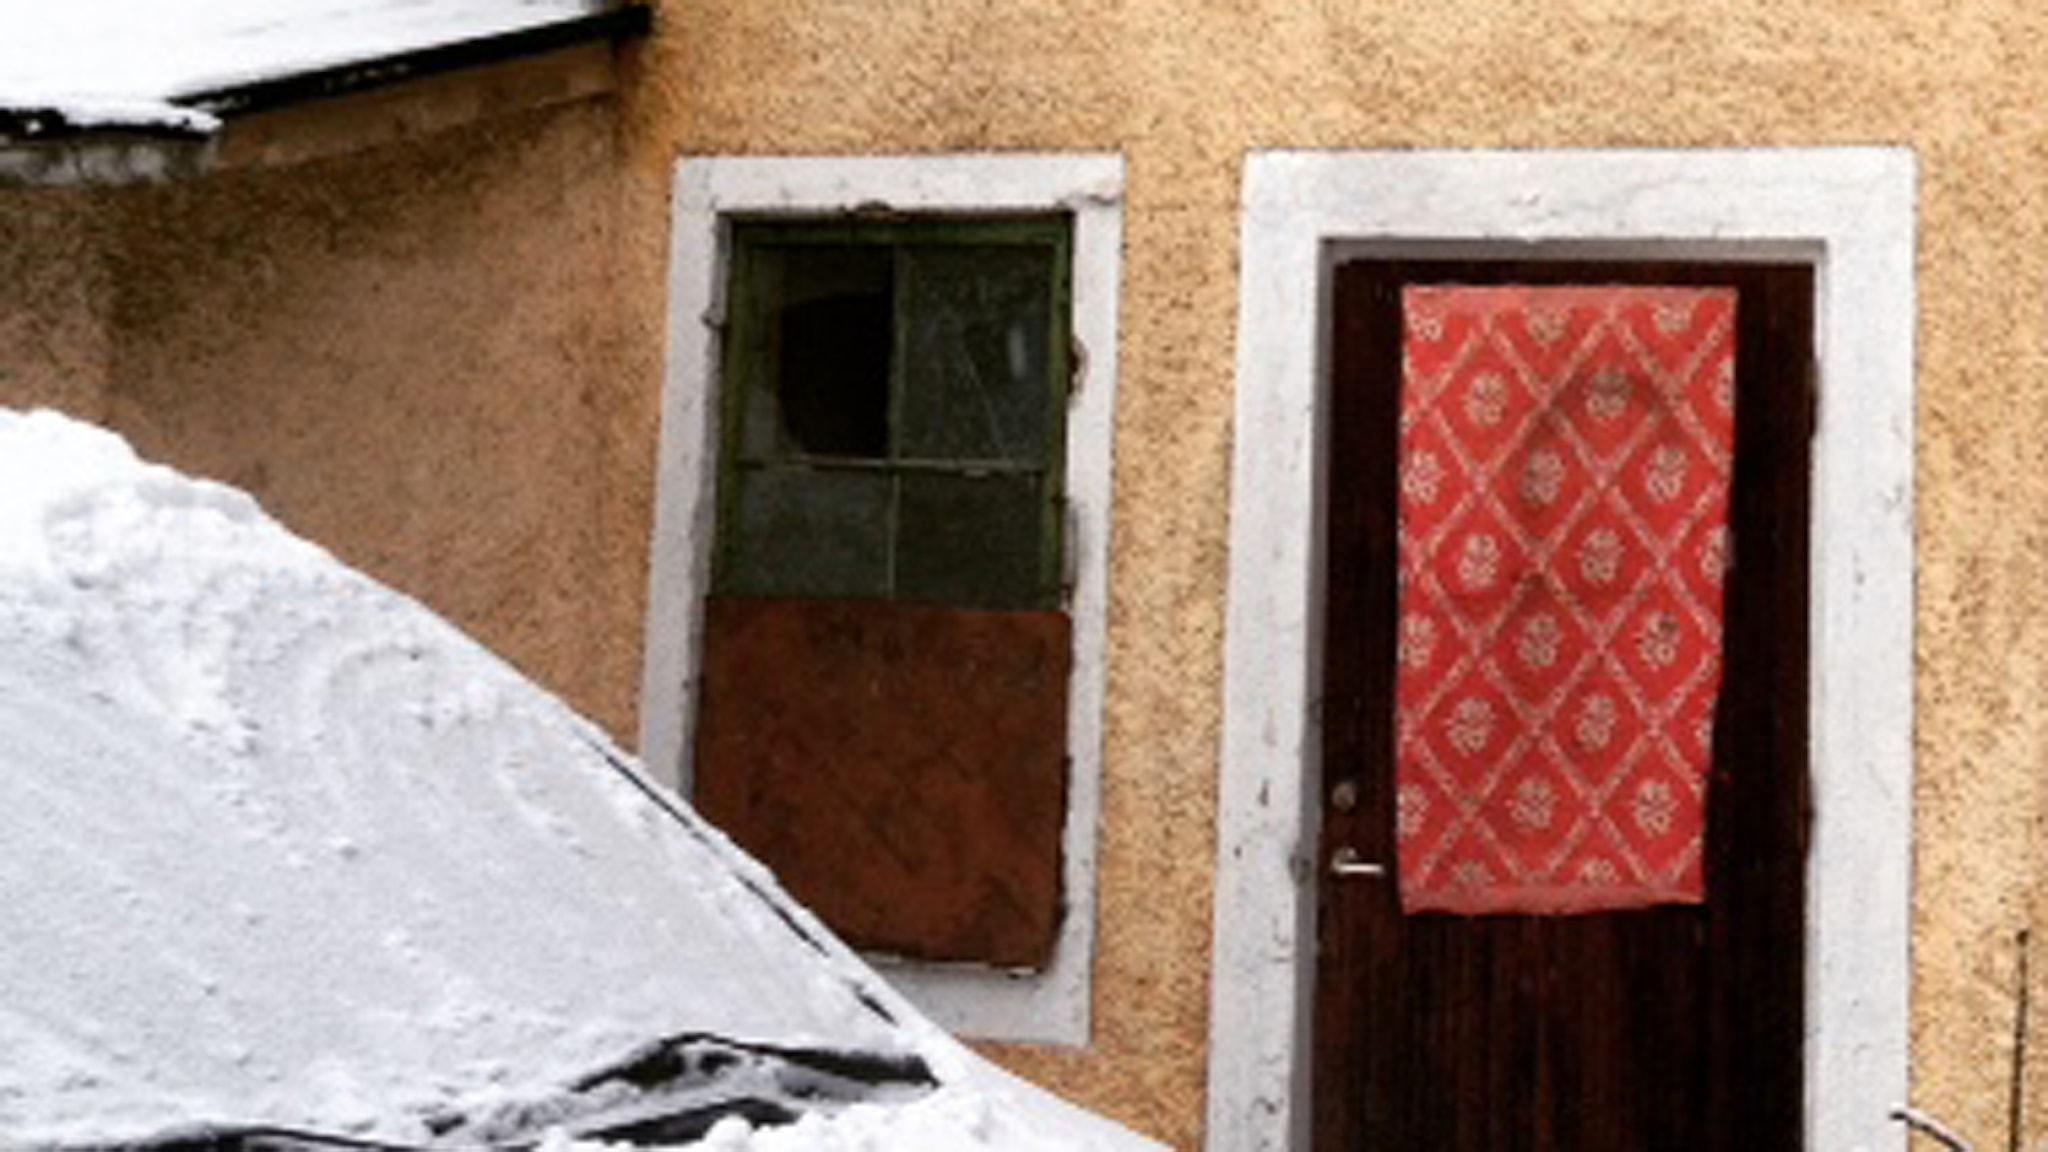 Romska EU-migranter har tagit huset i Björkvik i besittning. Foto: Susanna Einerstam/Sveriges Radio